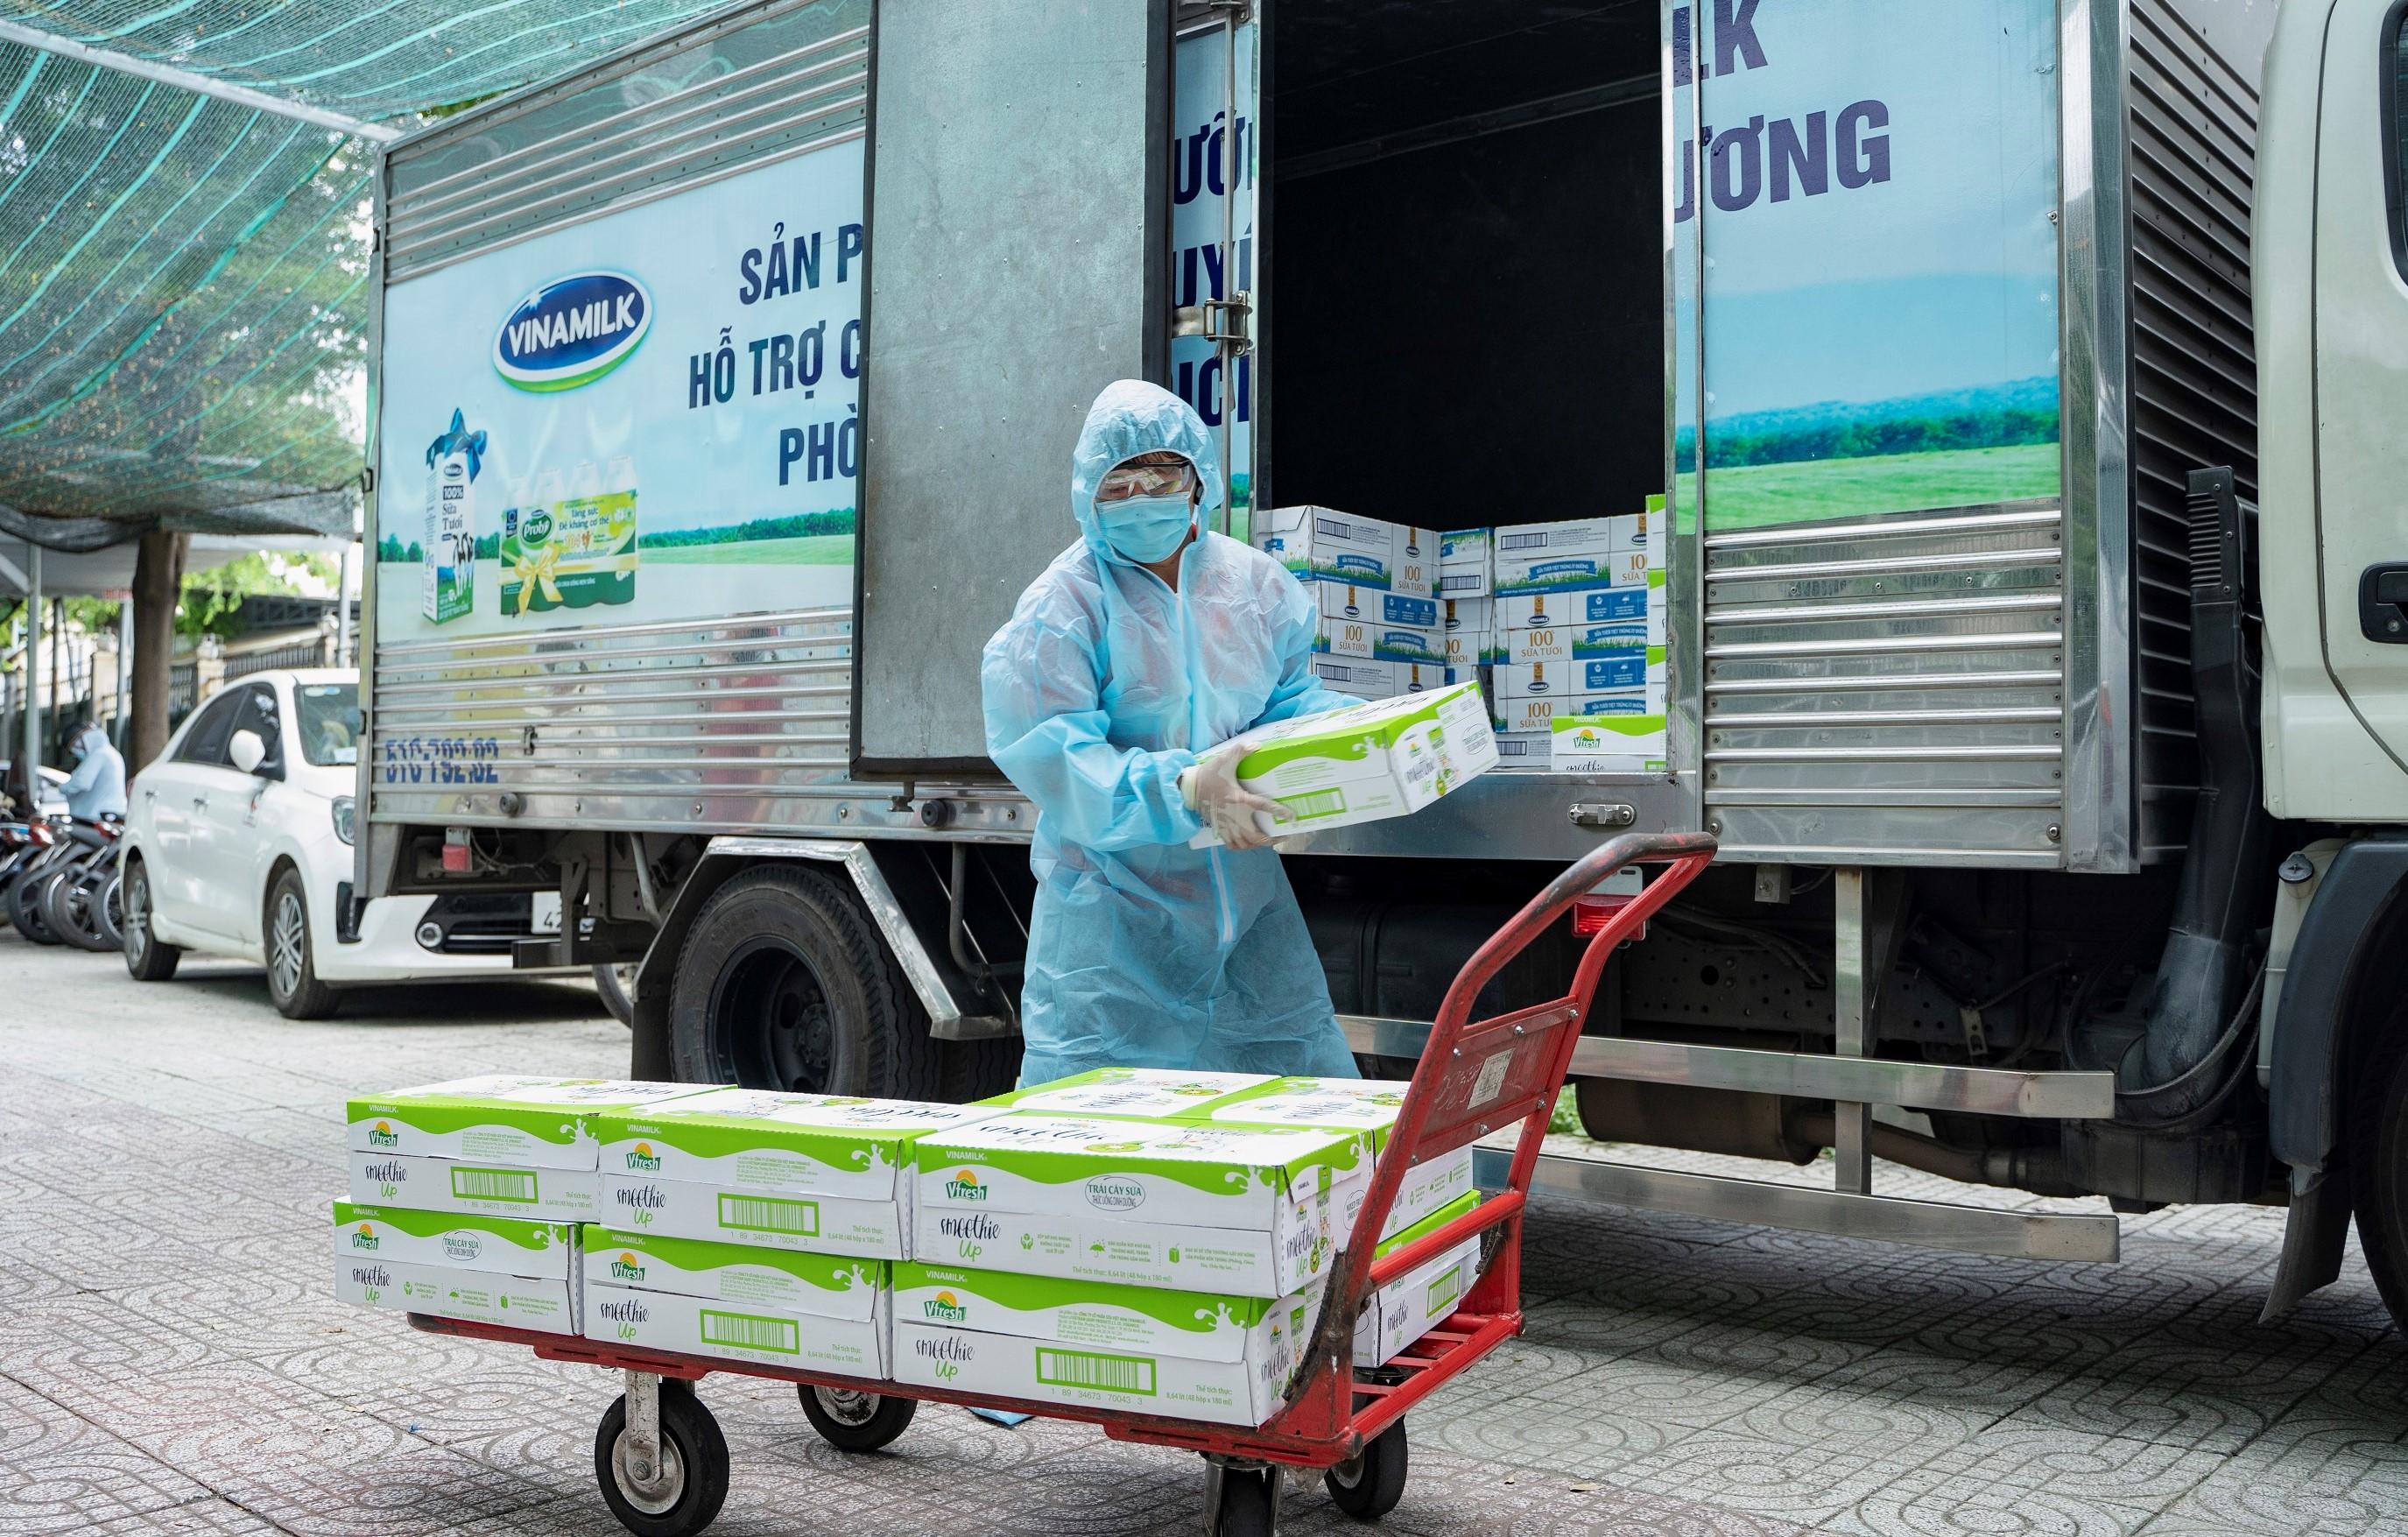 """""""Bạn khỏe mạnh, Việt Nam khỏe mạnh"""" - Chiến dịch của Vinamilk về sức khỏe cộng đồng và cùng ủng hộ Vaccine cho trẻ em 8"""